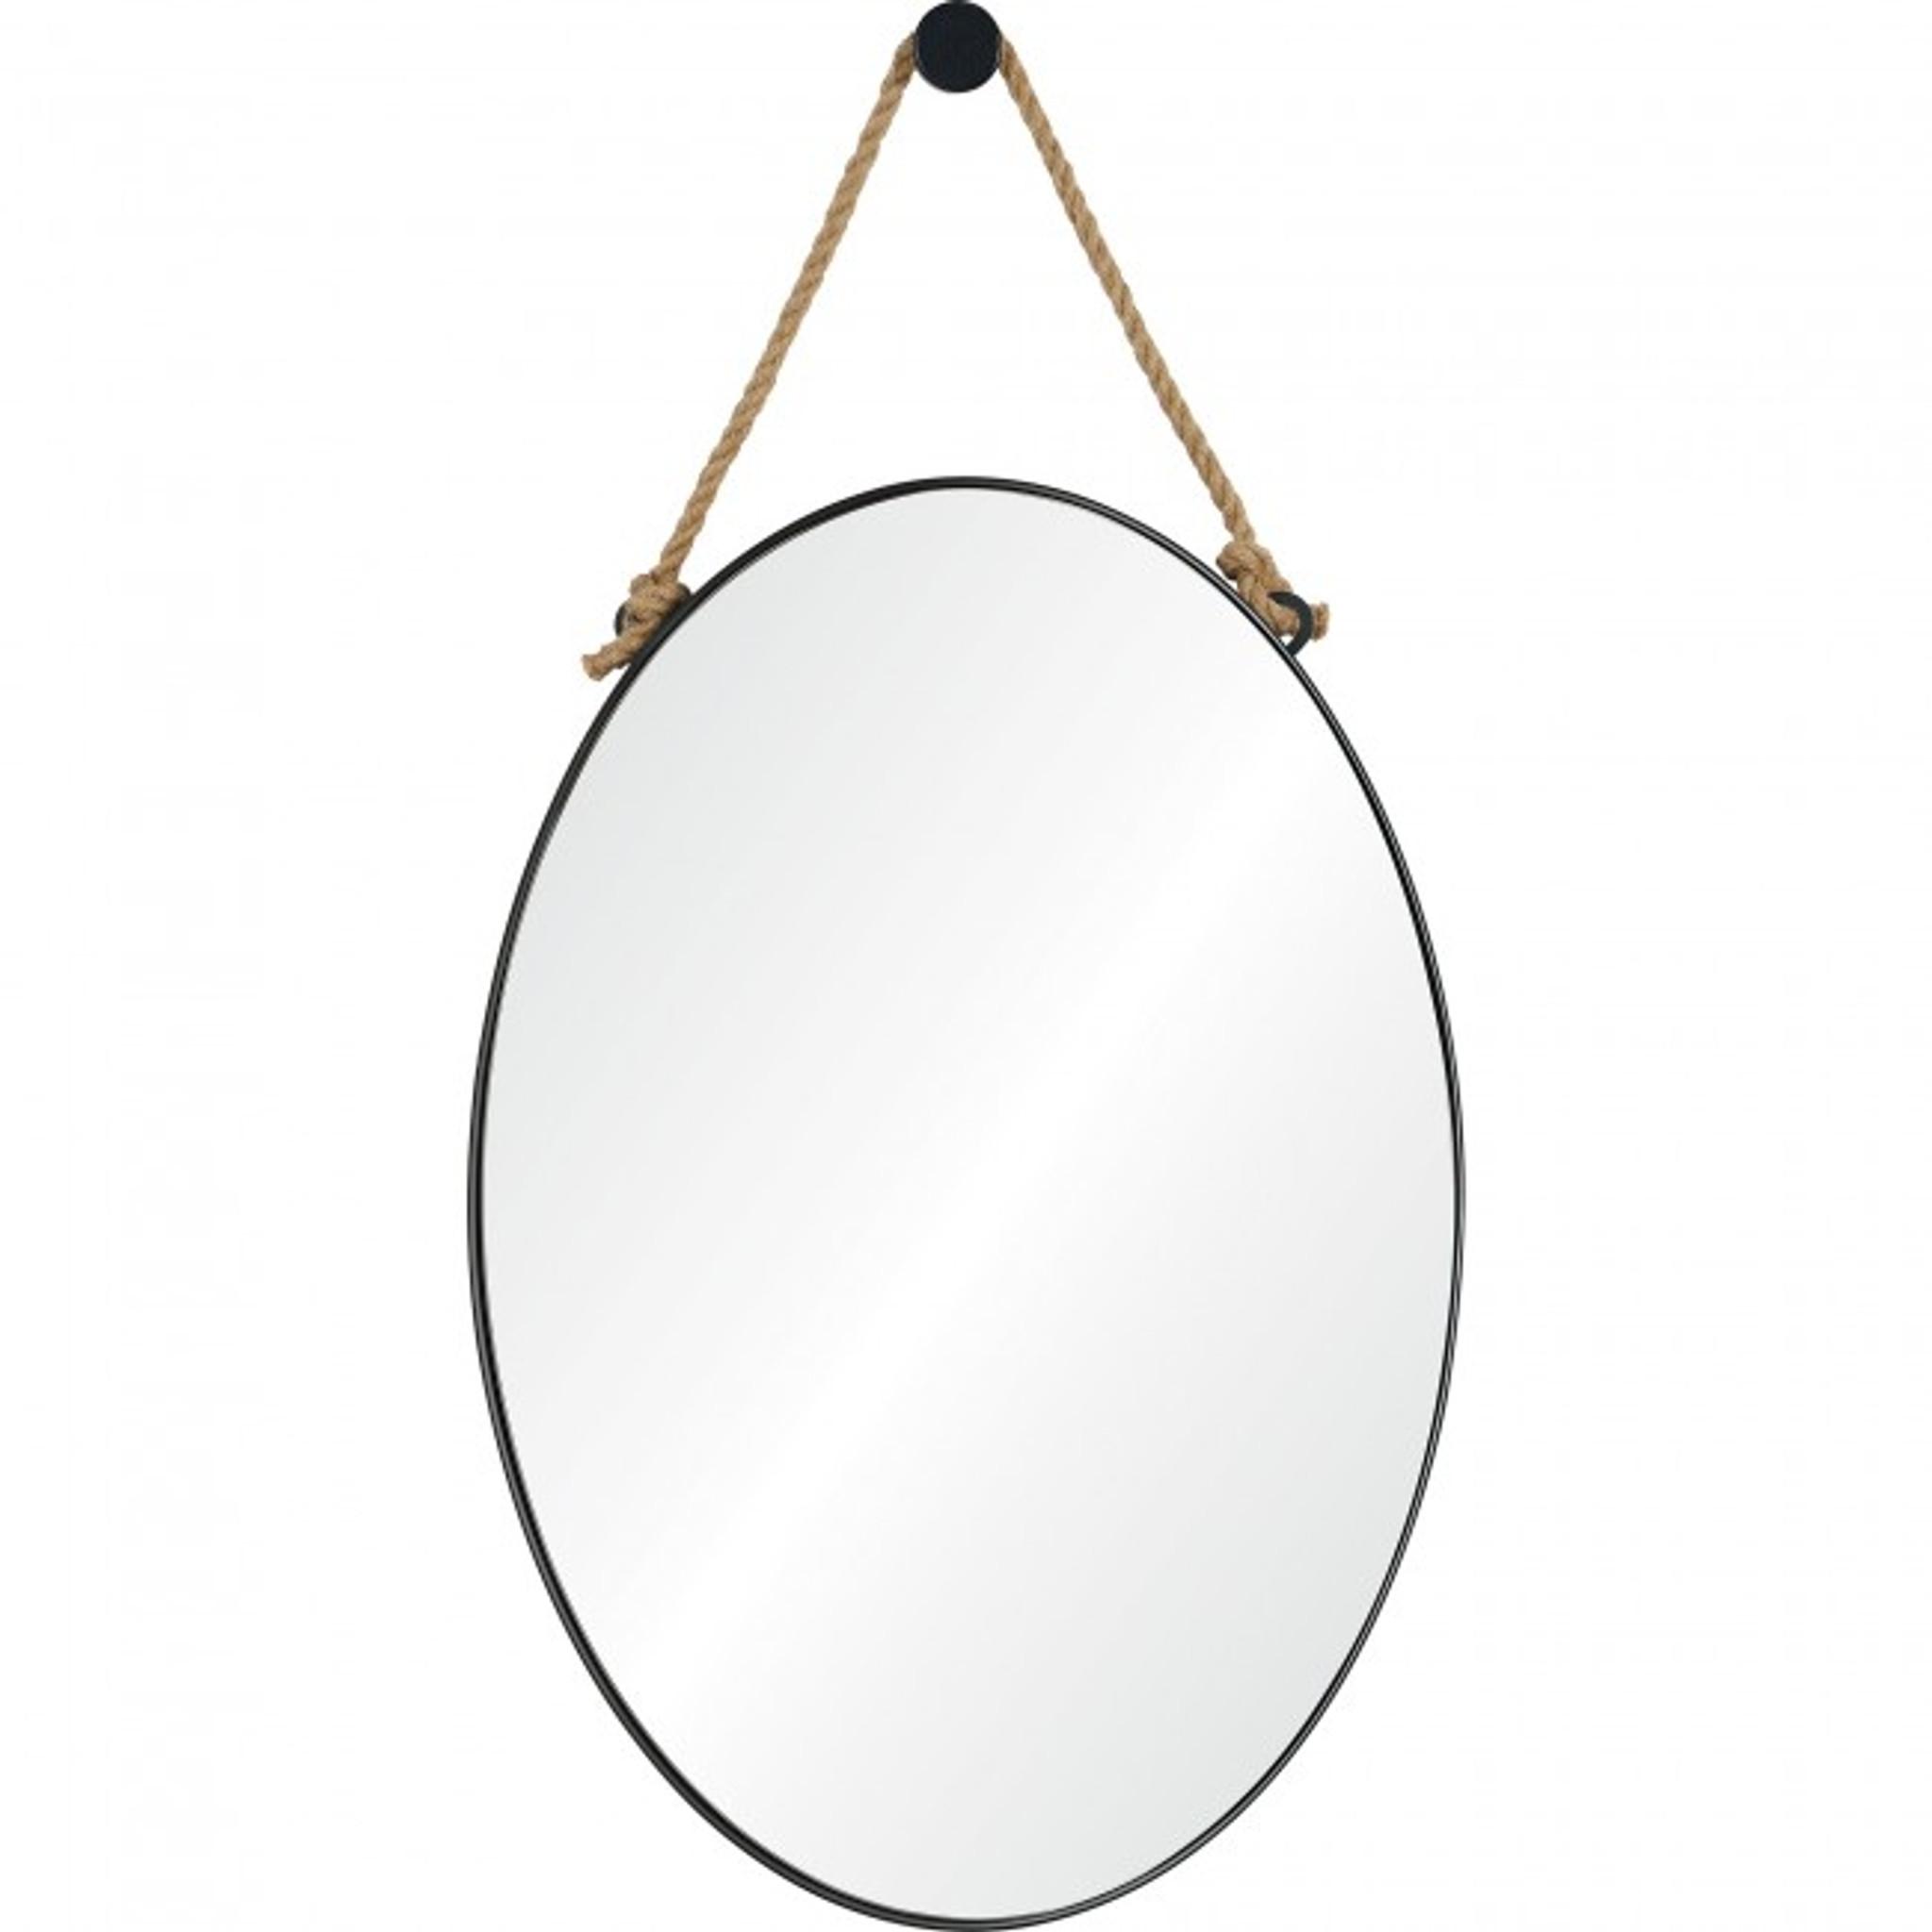 renwil parbuckle black metal modern oval wall mirror hemp rope hanging